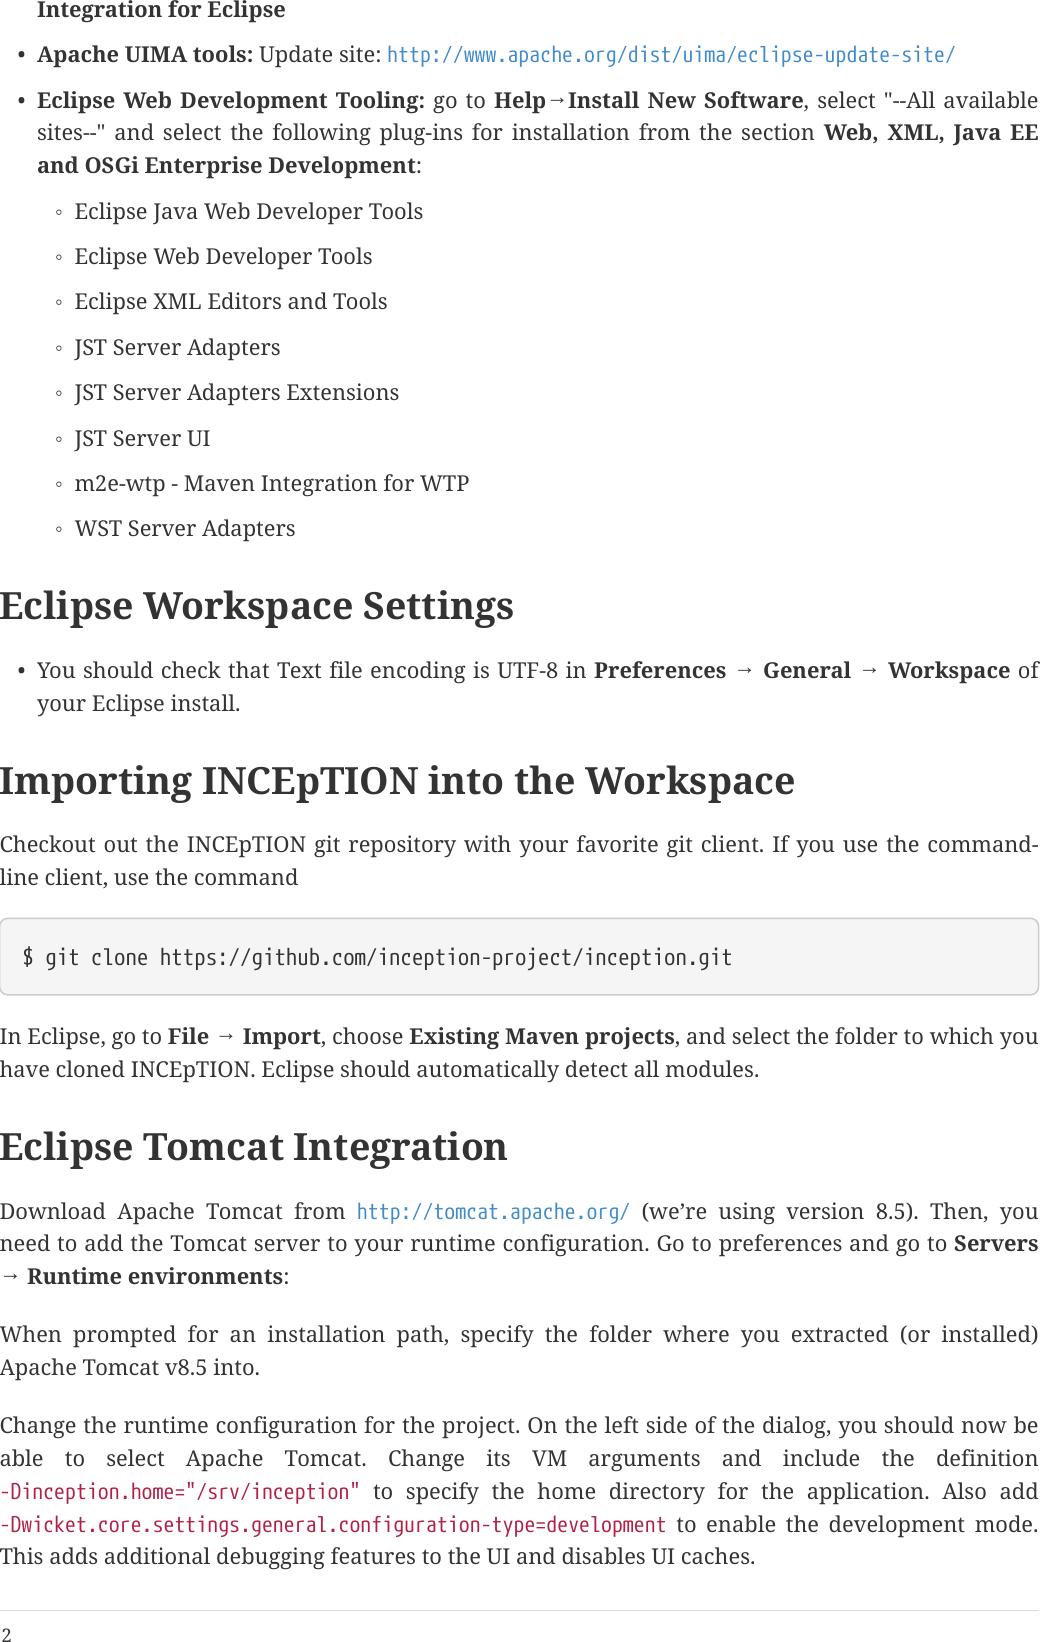 INCEpTION Developer Guide